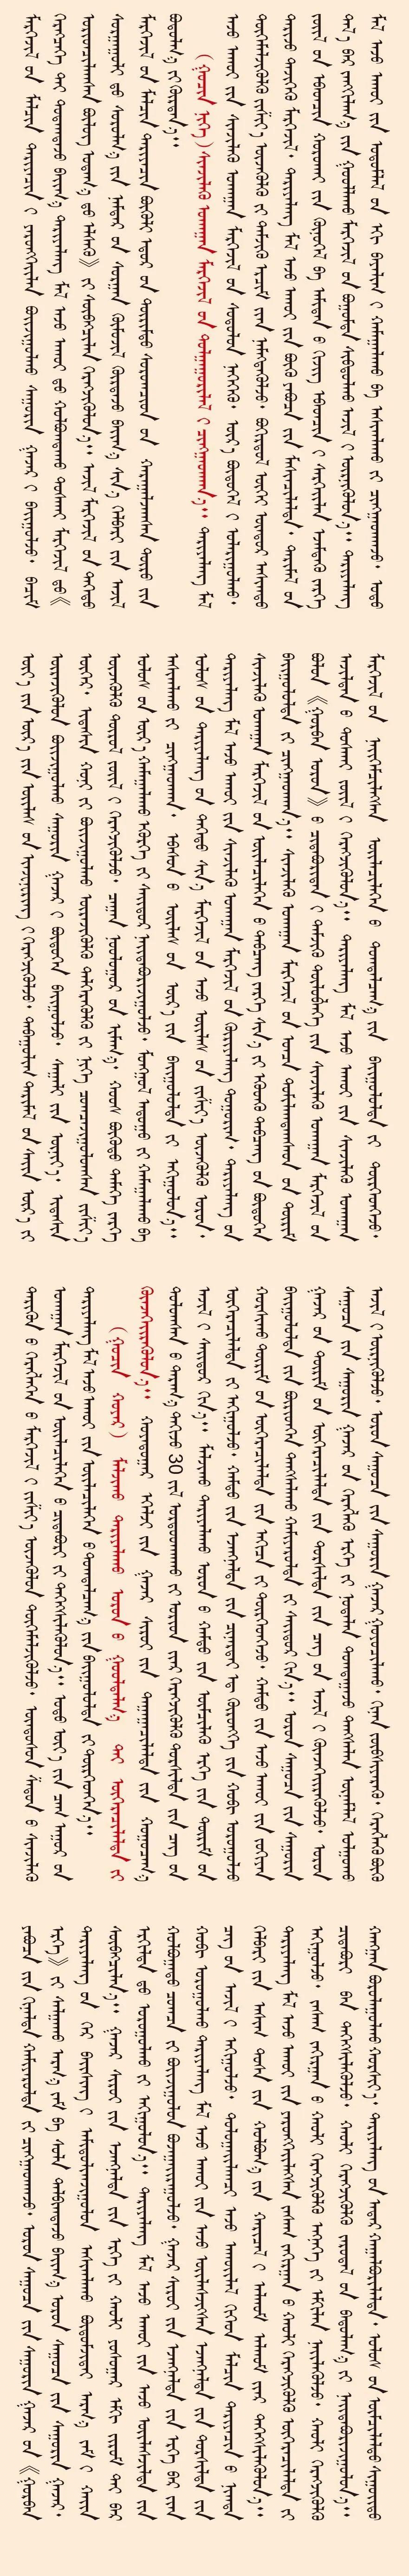 【重磅】蒙古文版《实施意见》(全文)来了 第16张